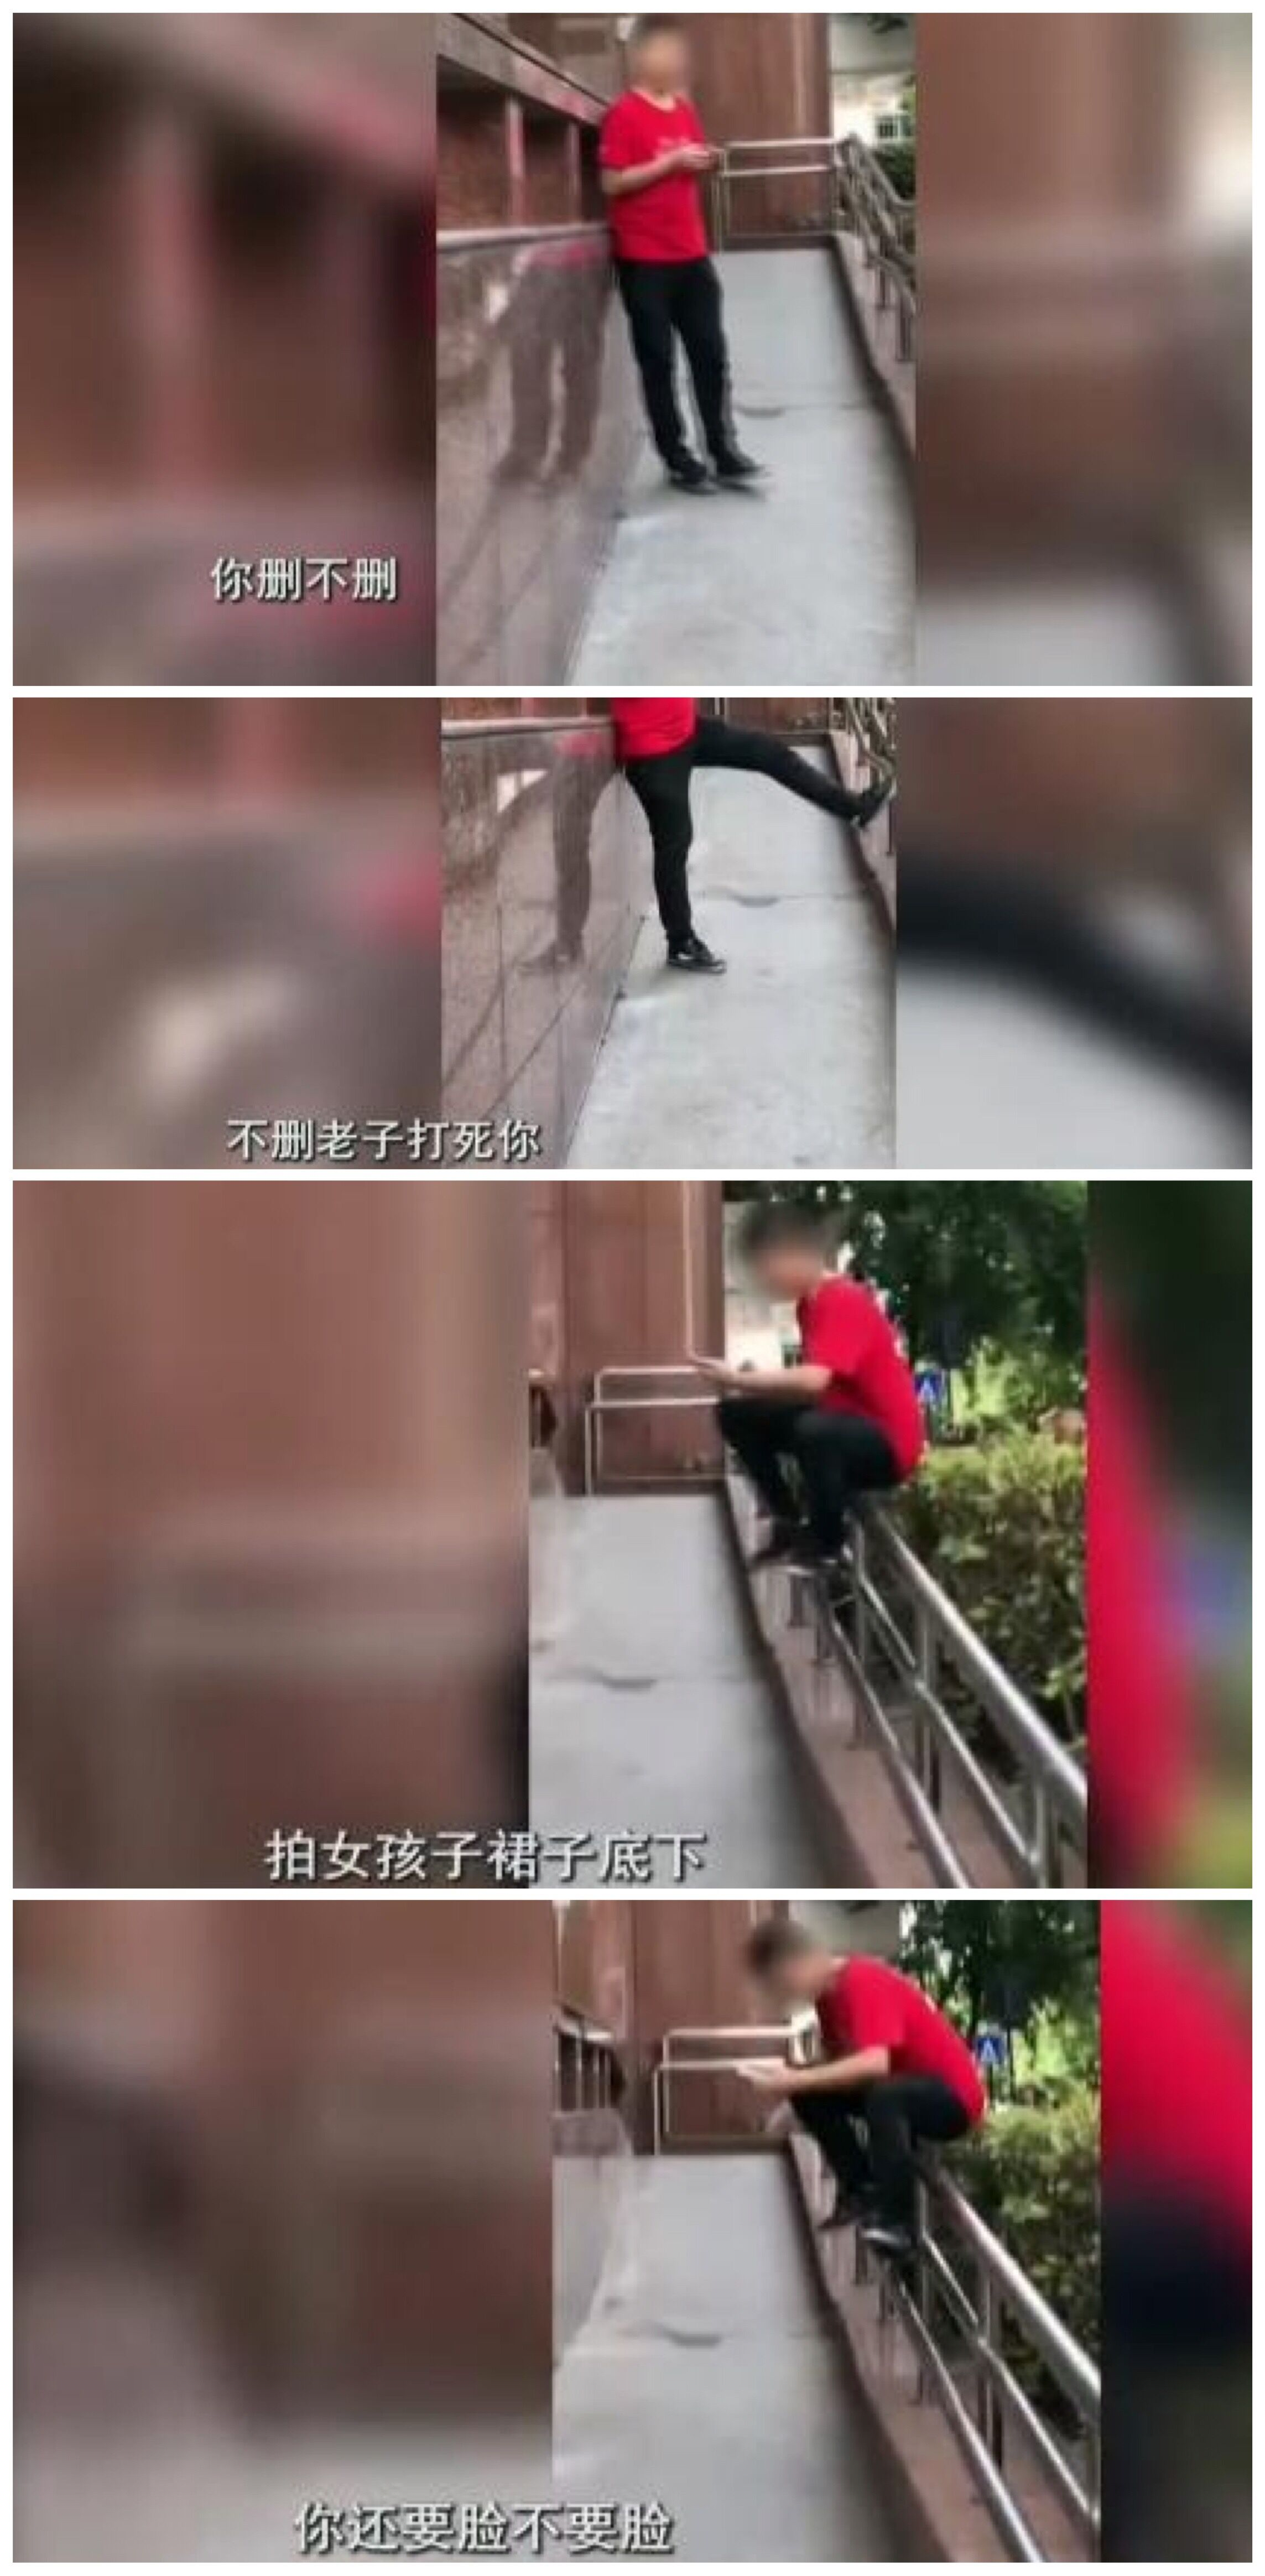 美女裙底遭变态偷拍,把视频发到网上曝光,网友:真不要脸啊!